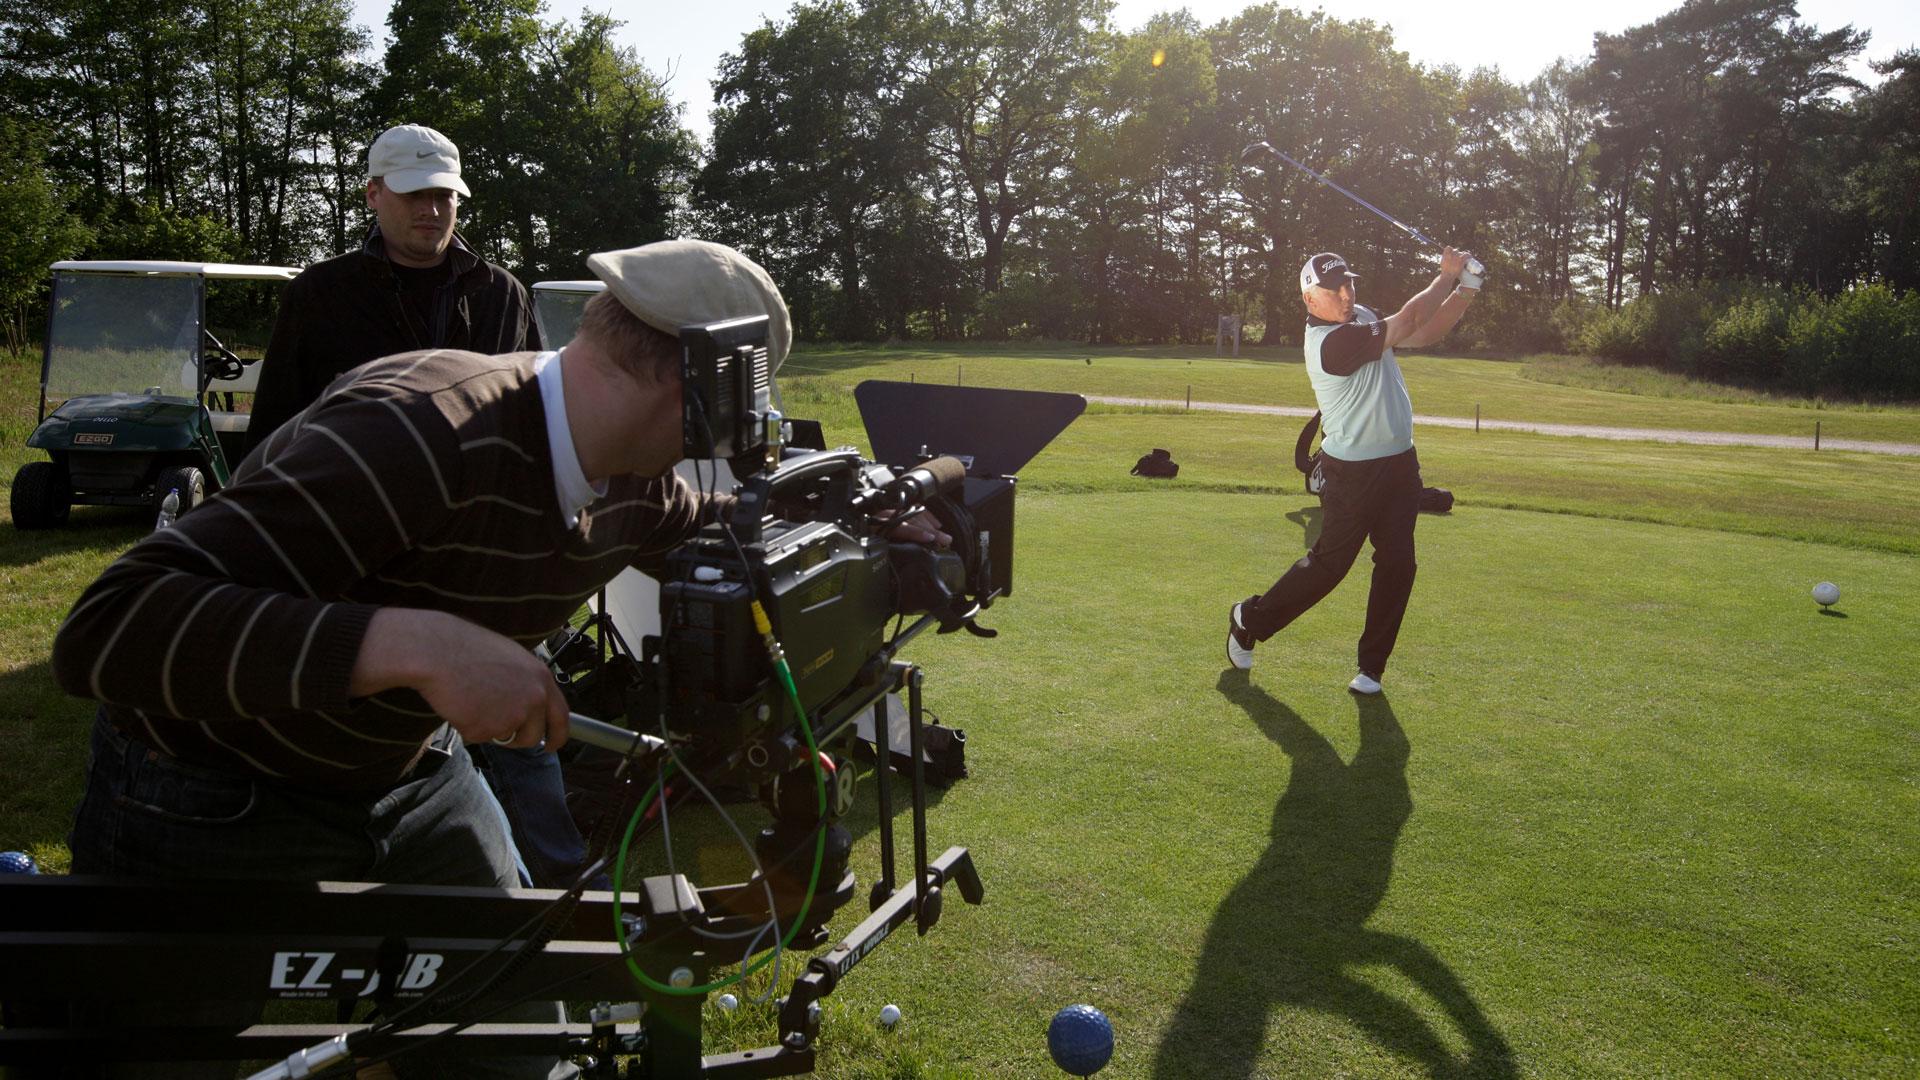 Dreharbeiten auf einem Golfplatz